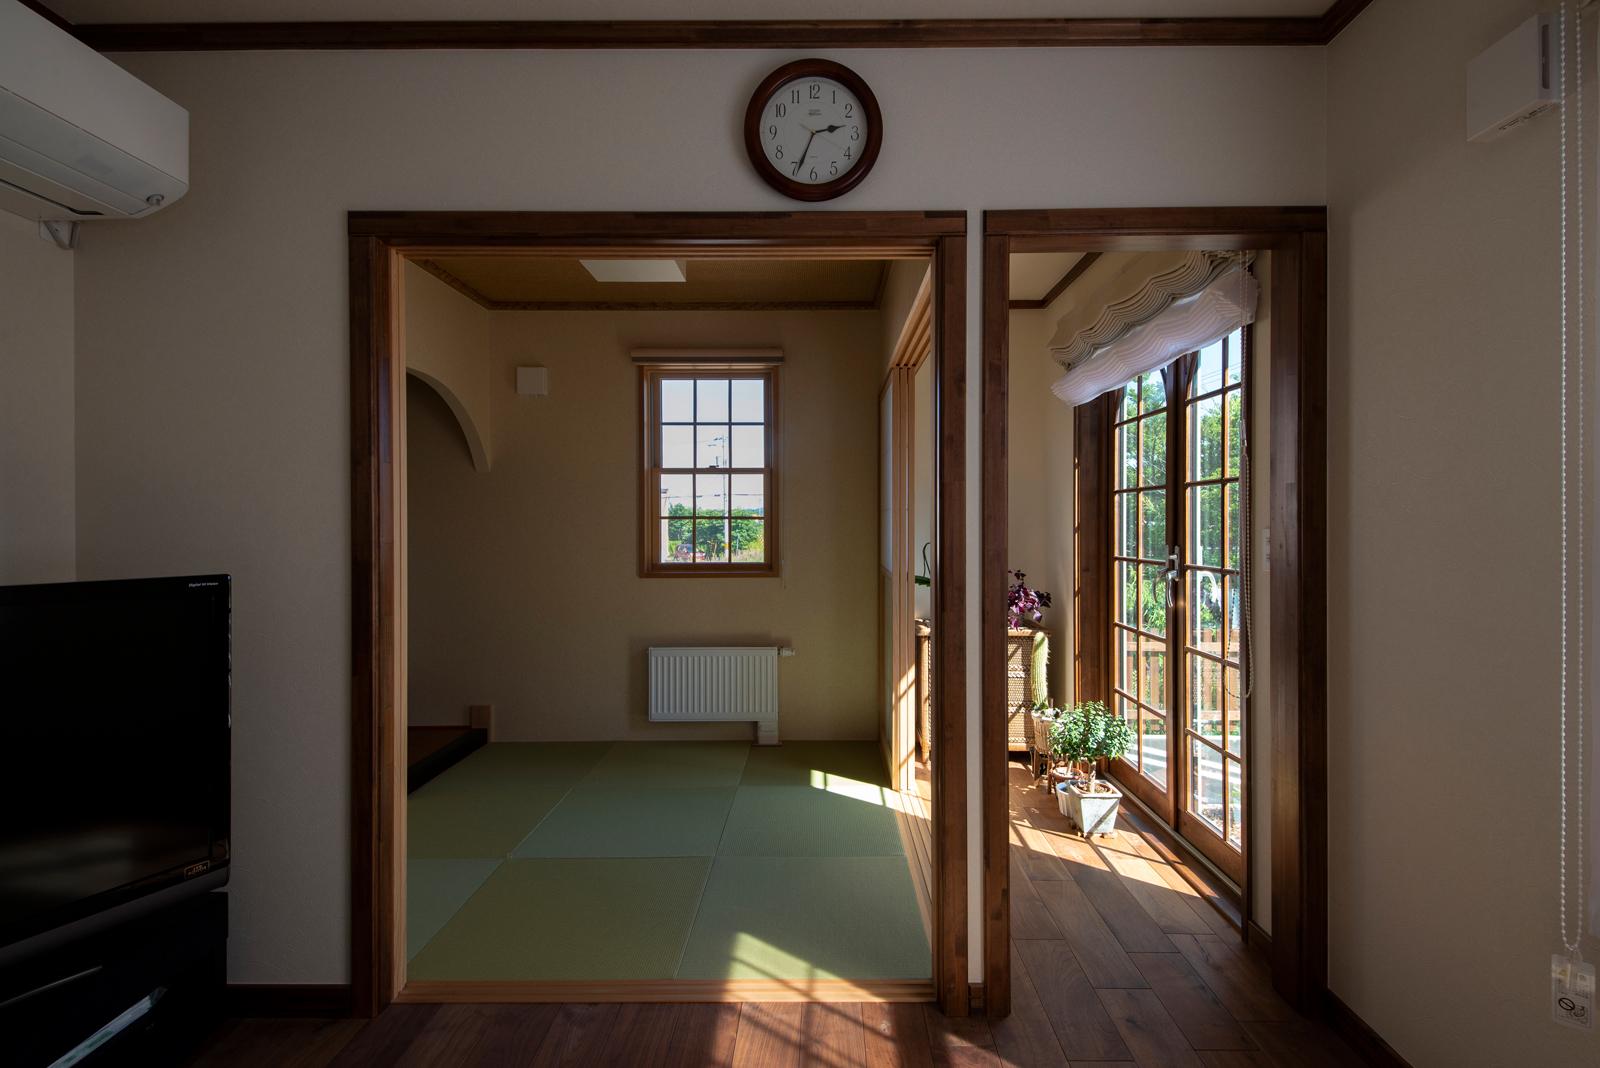 1階親世帯のLDKには、Fさんの希望で雪見障子と広縁を備えた和のくつろぎスペースも設けられている